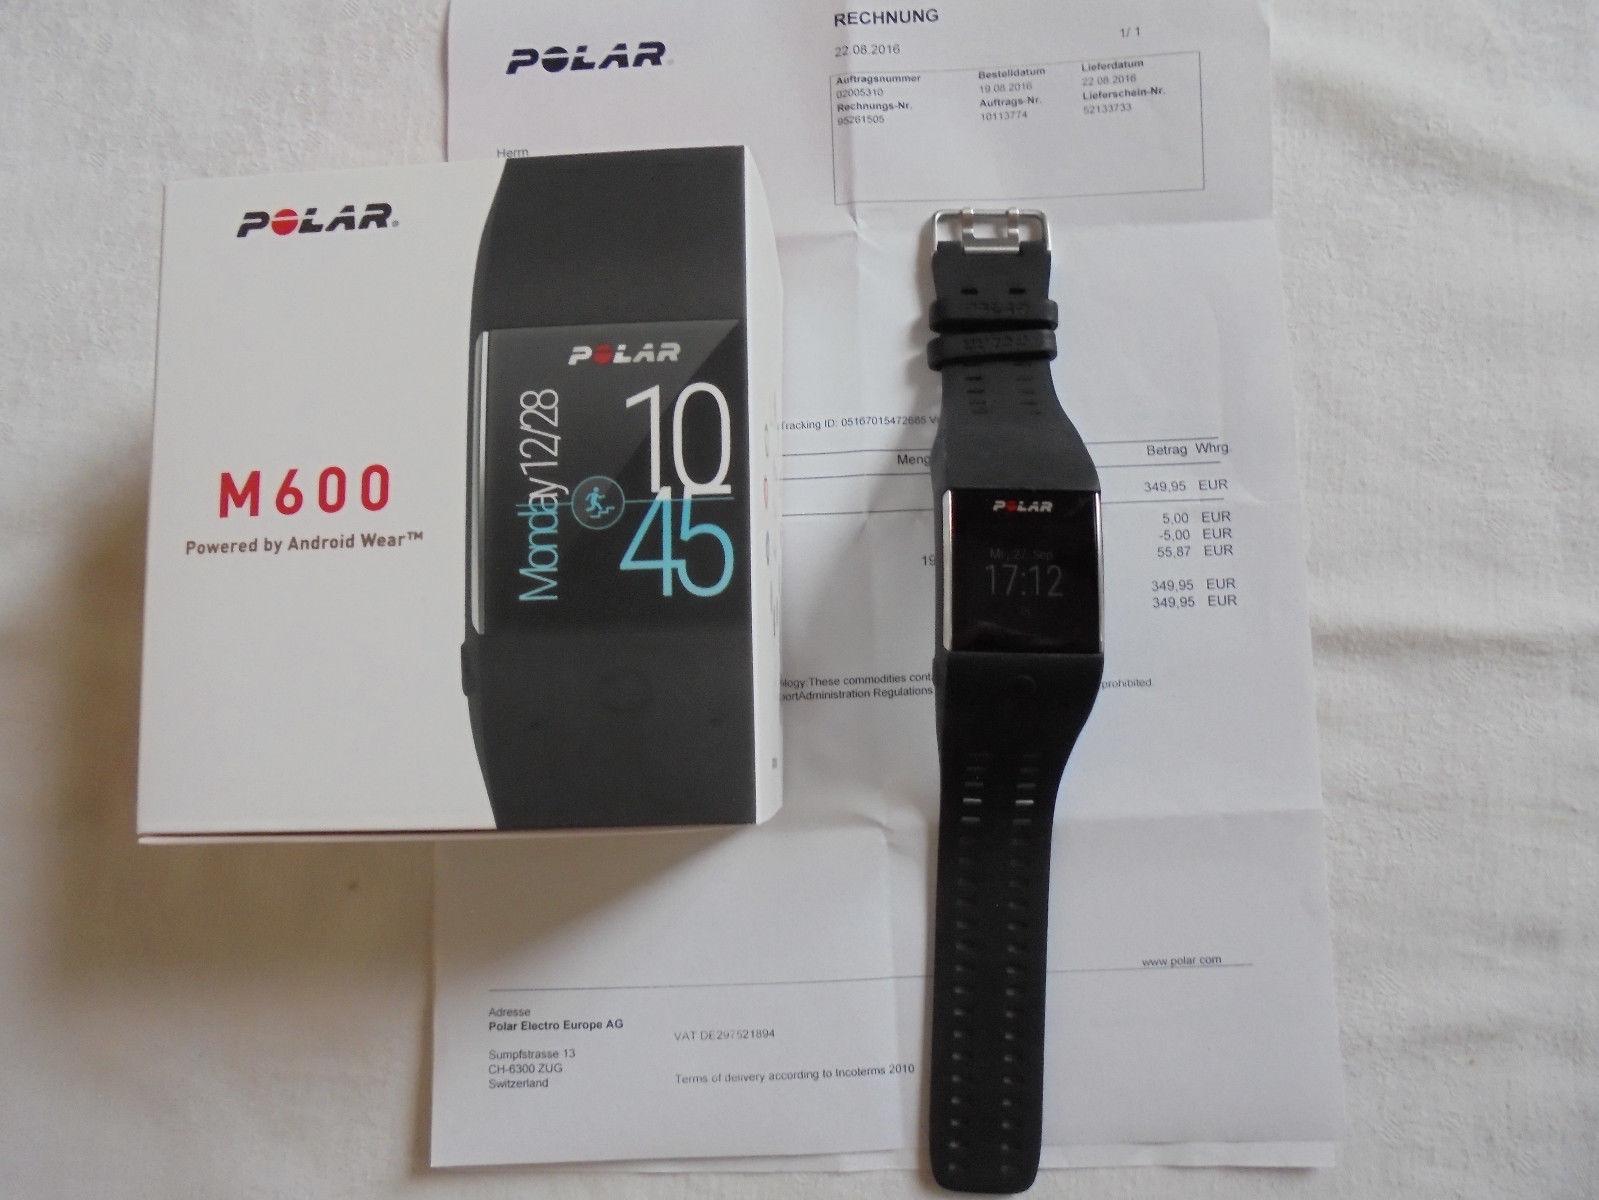 polar m600 smartwatch   komplett mit Rechnung in OVP, keine Kratzer, wie Neu